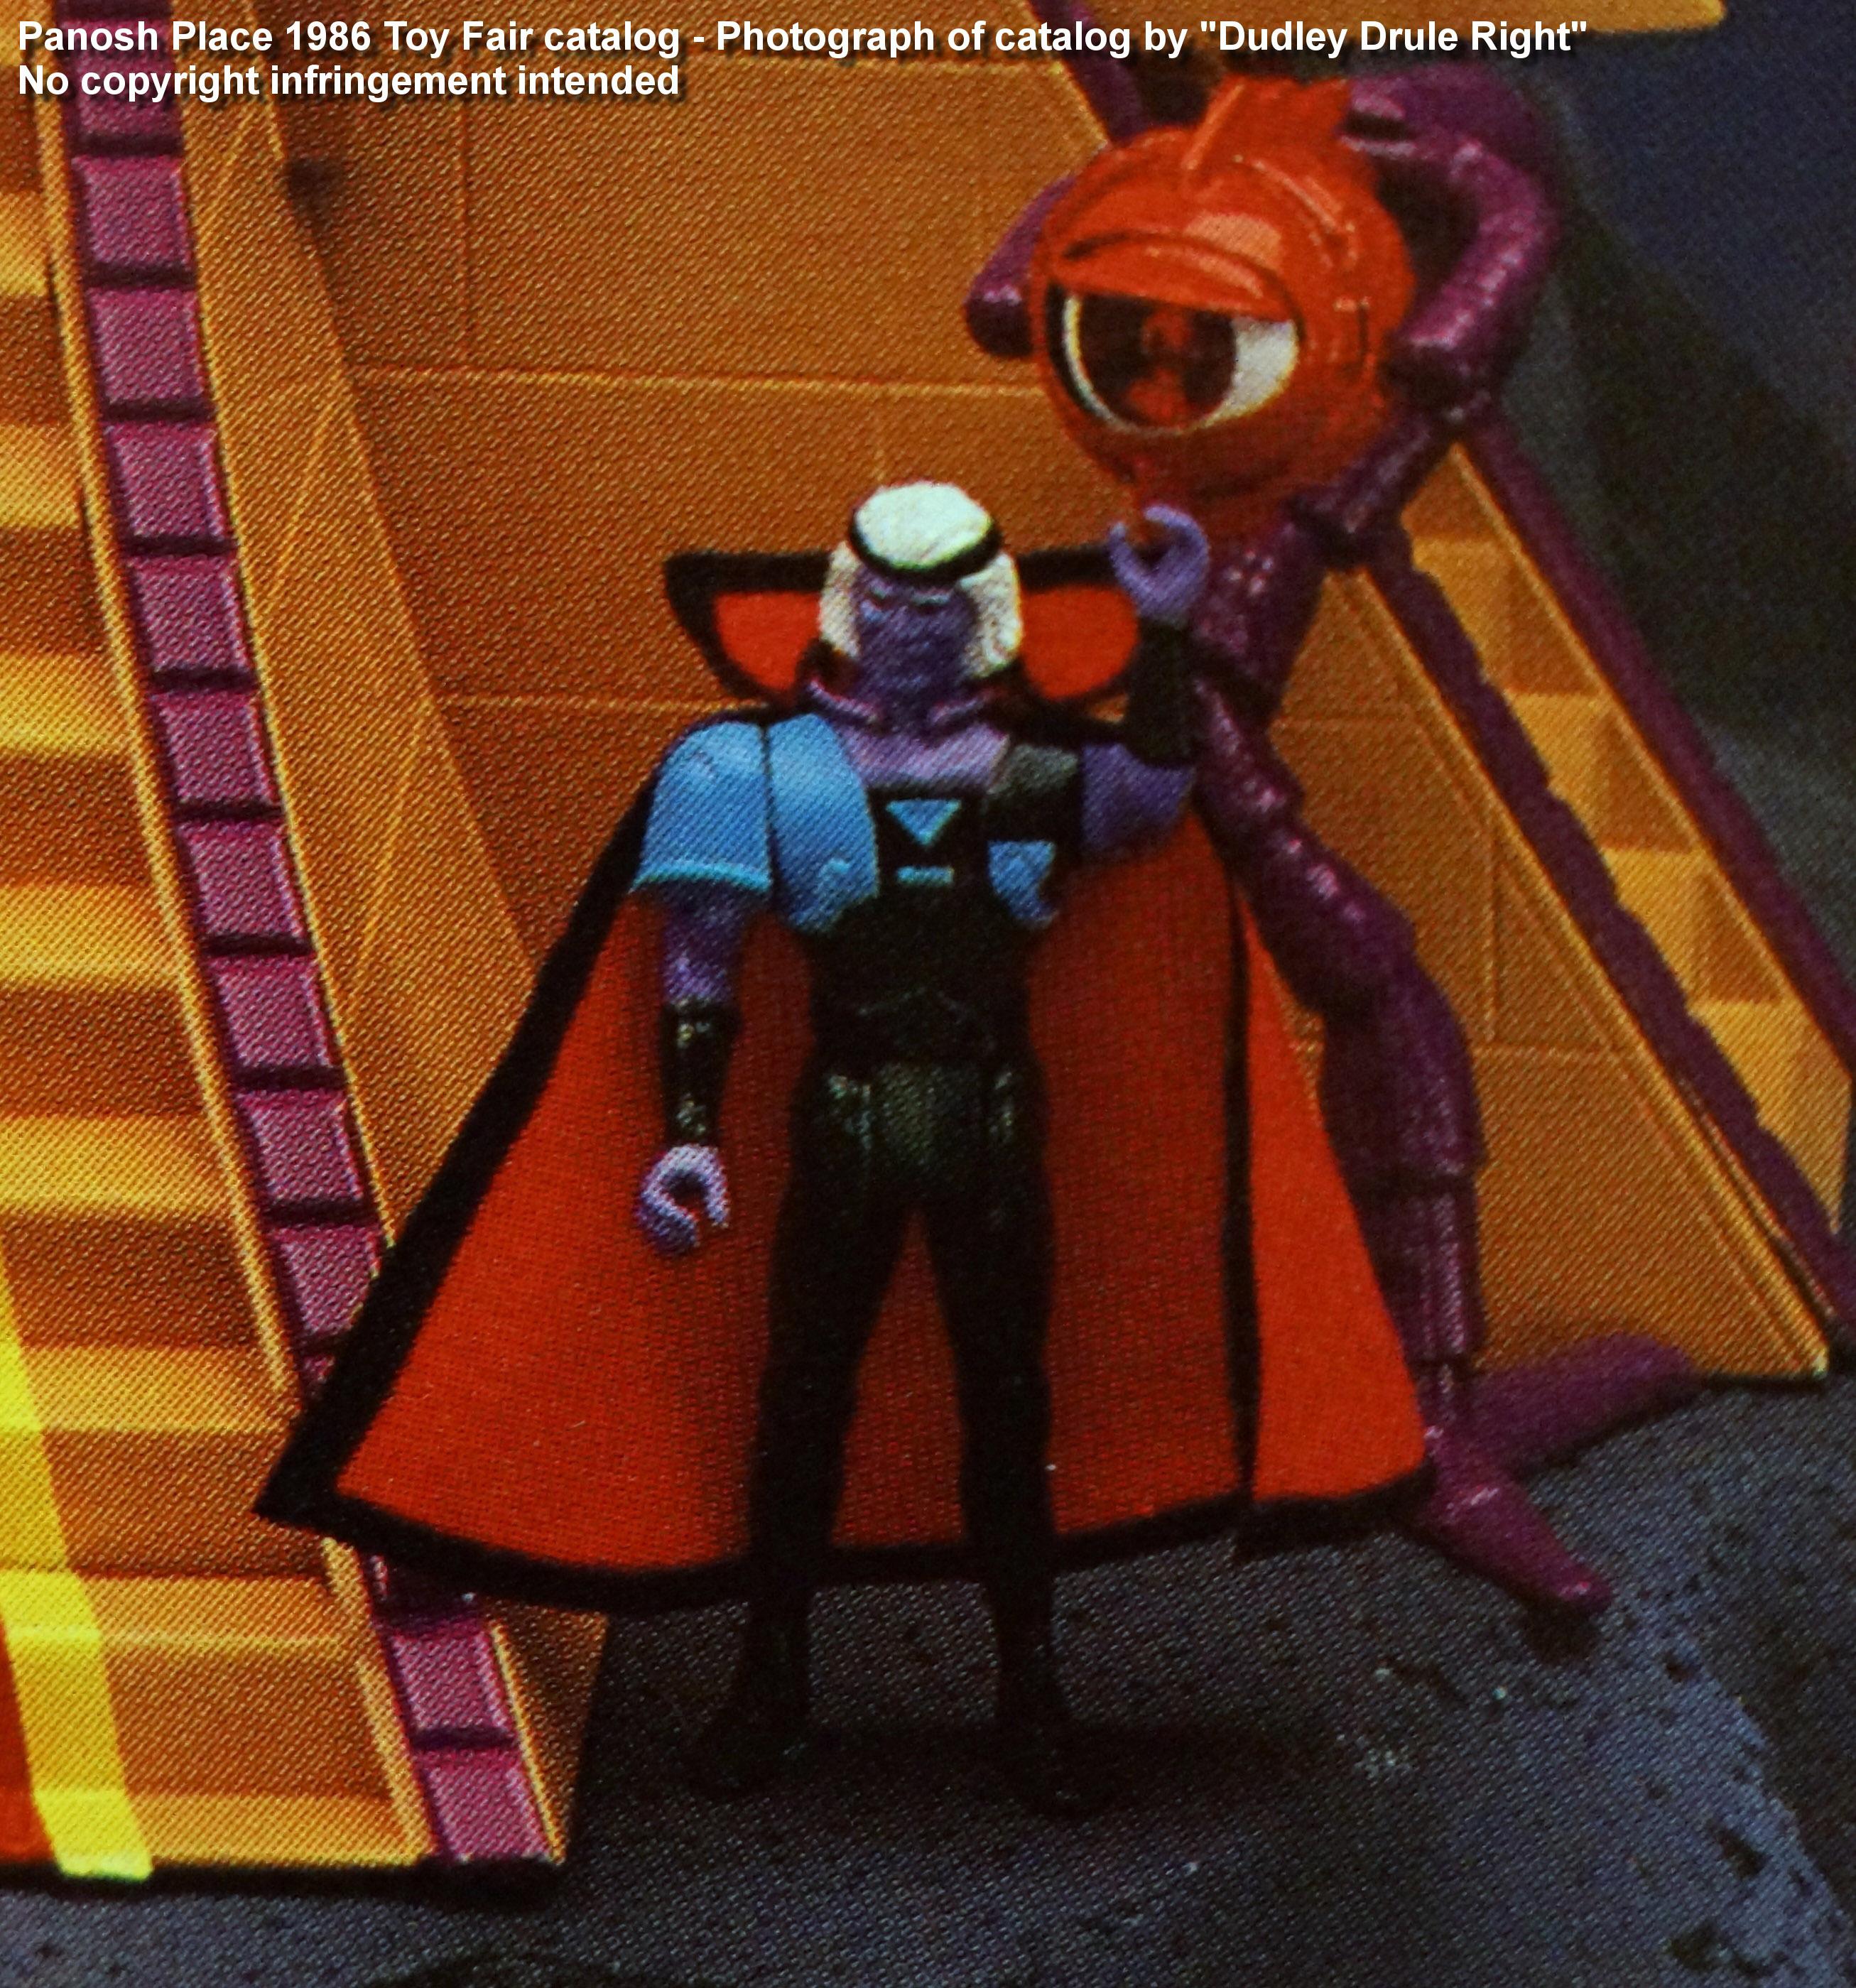 Panosh Place 1986 Toy Fair Catalog - Page 27 (Voltron Hazar action figure)